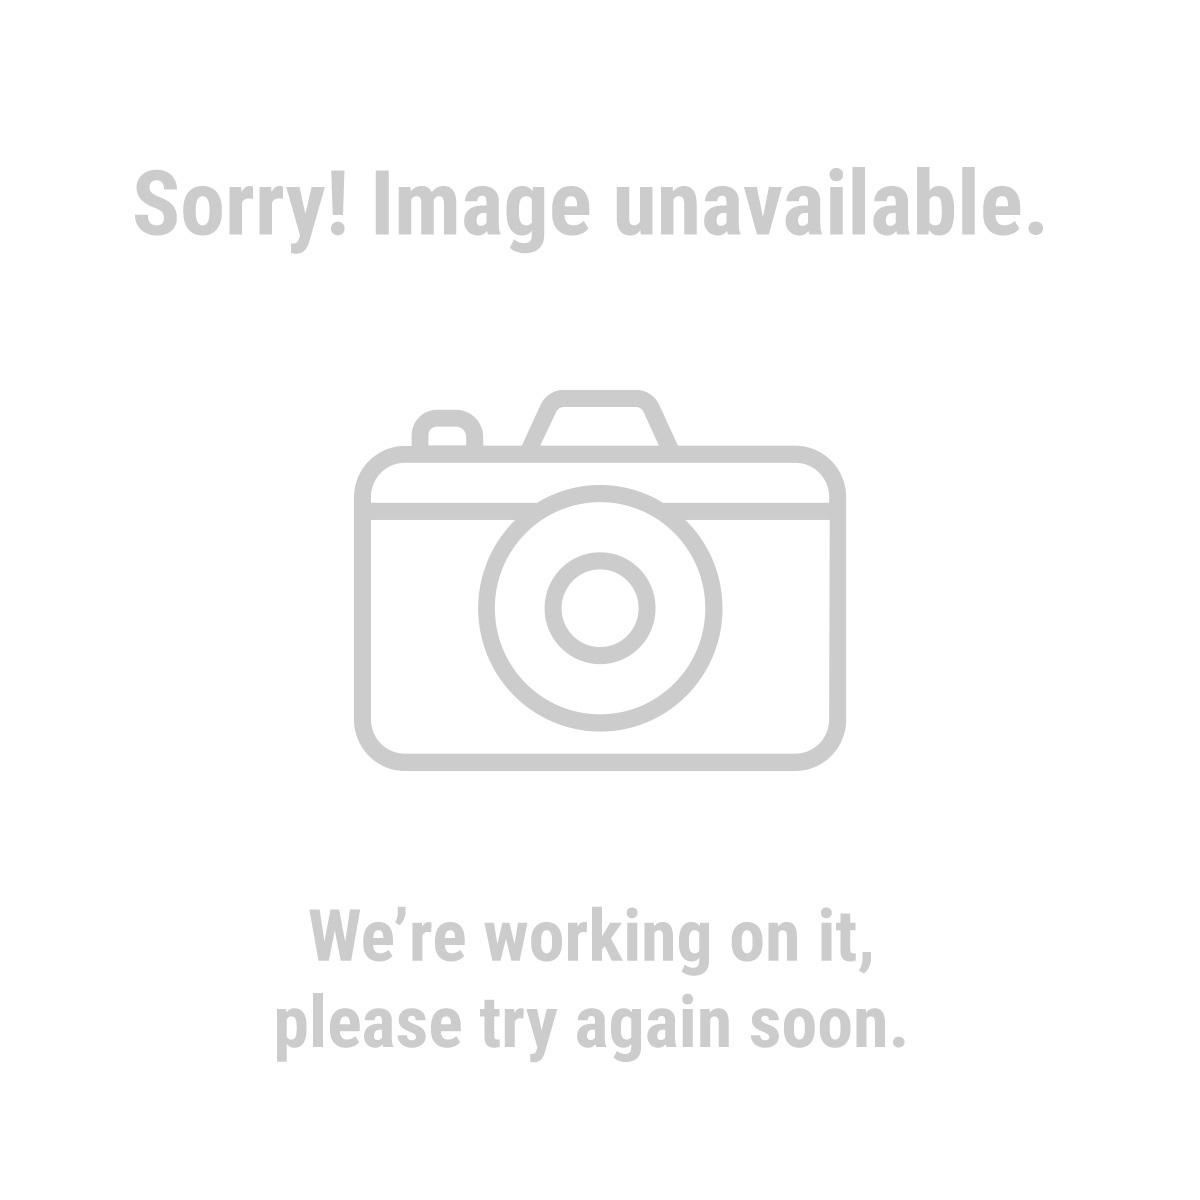 Toy Tool Set : Toy power tool set pc